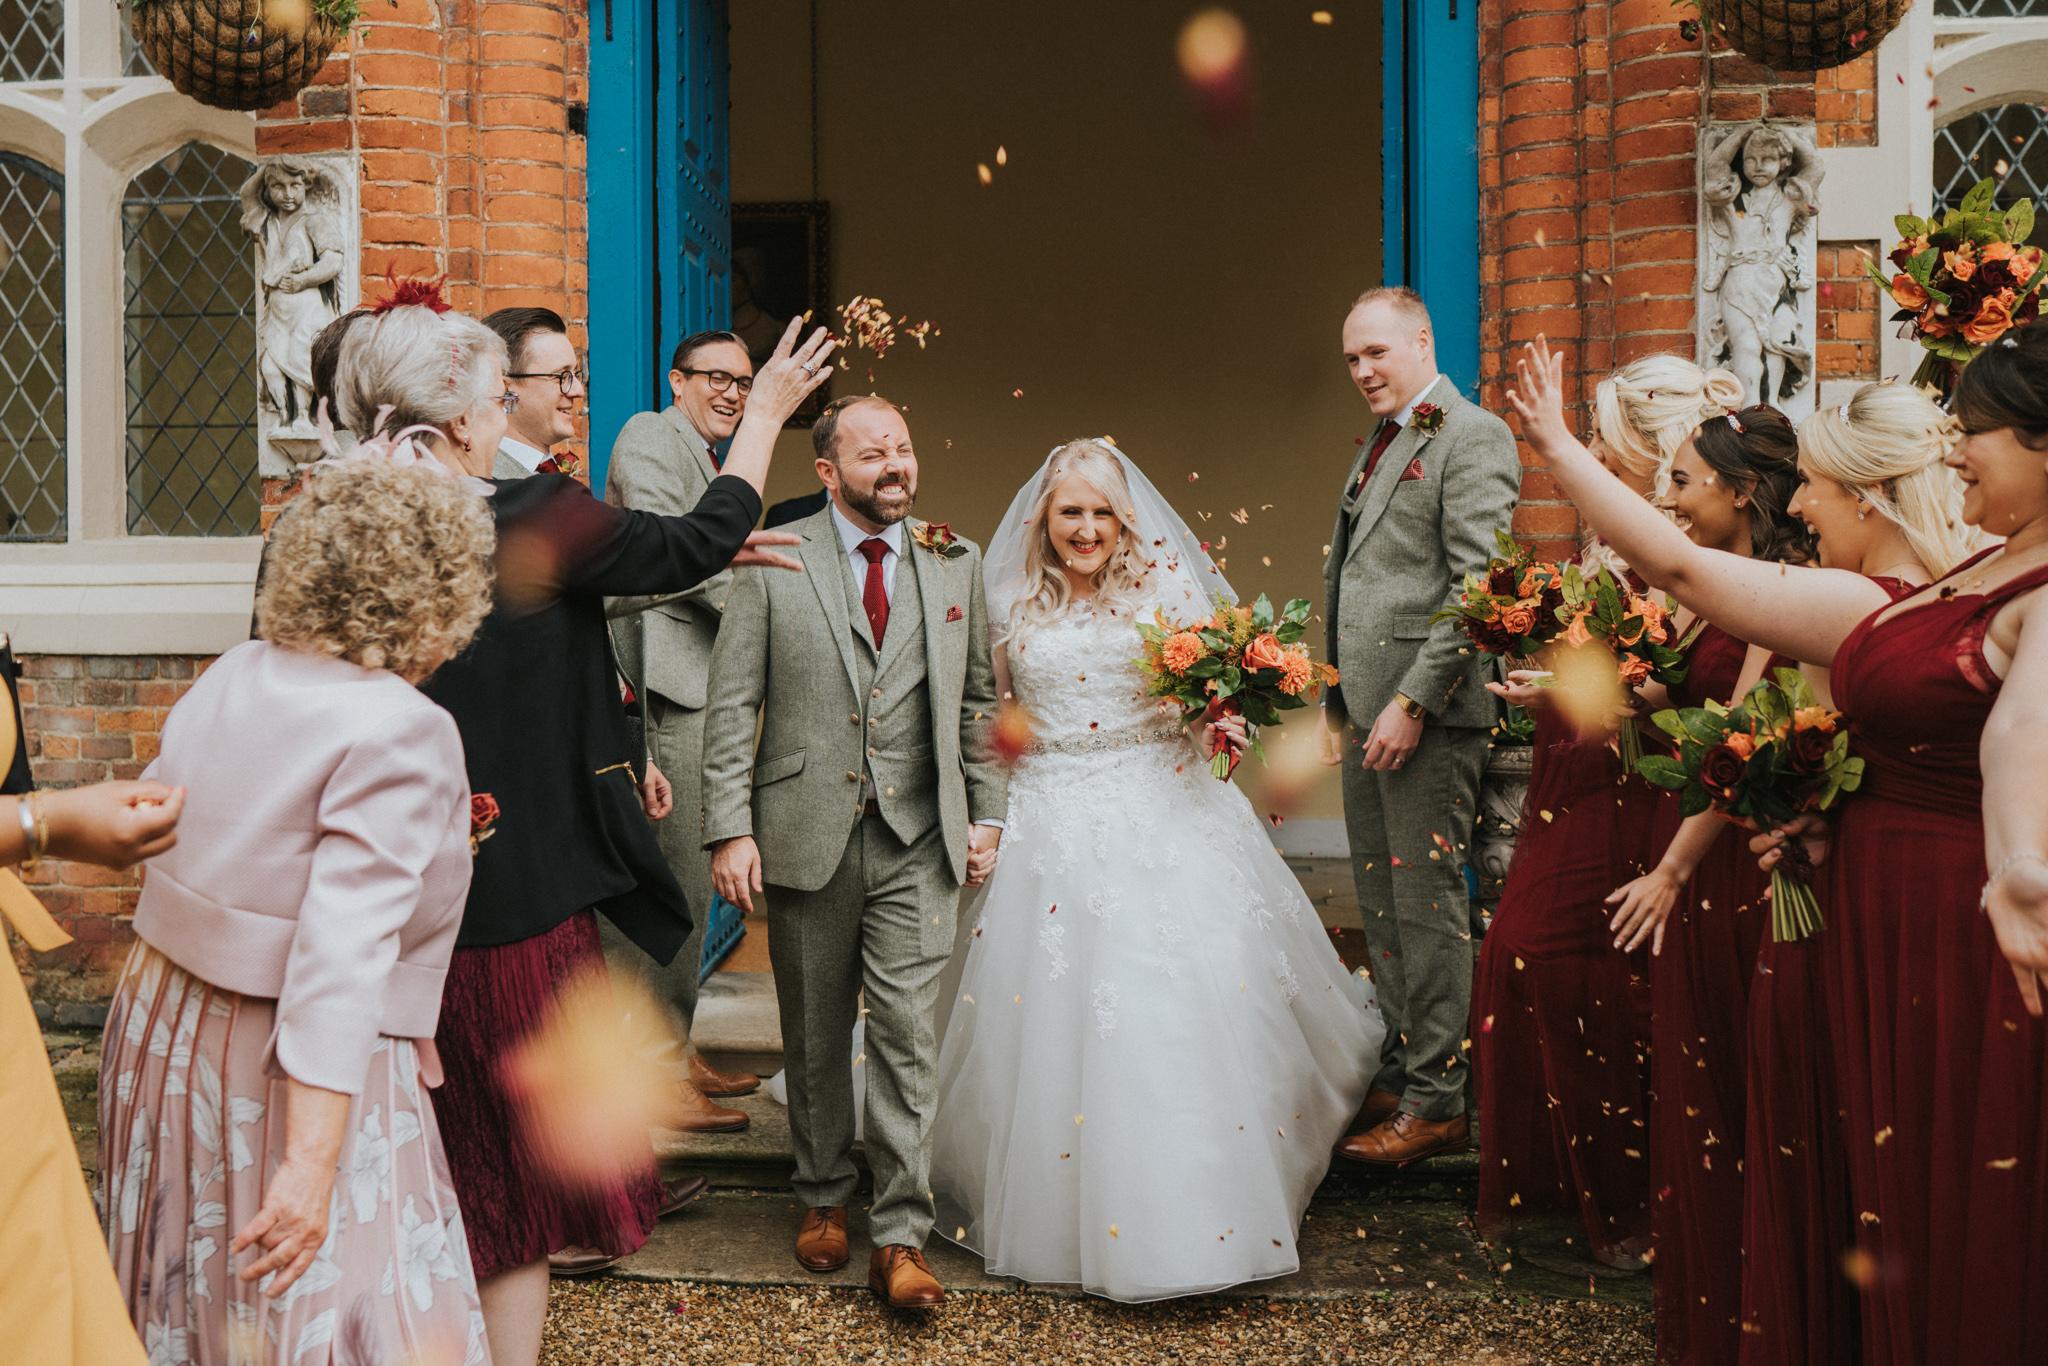 chara-neil-gosfield-hall-wedding-grace-elizabeth-colchester-essex-alternative-wedding-photographer-essex-devon-suffolk-norfolk (30 of 50).jpg